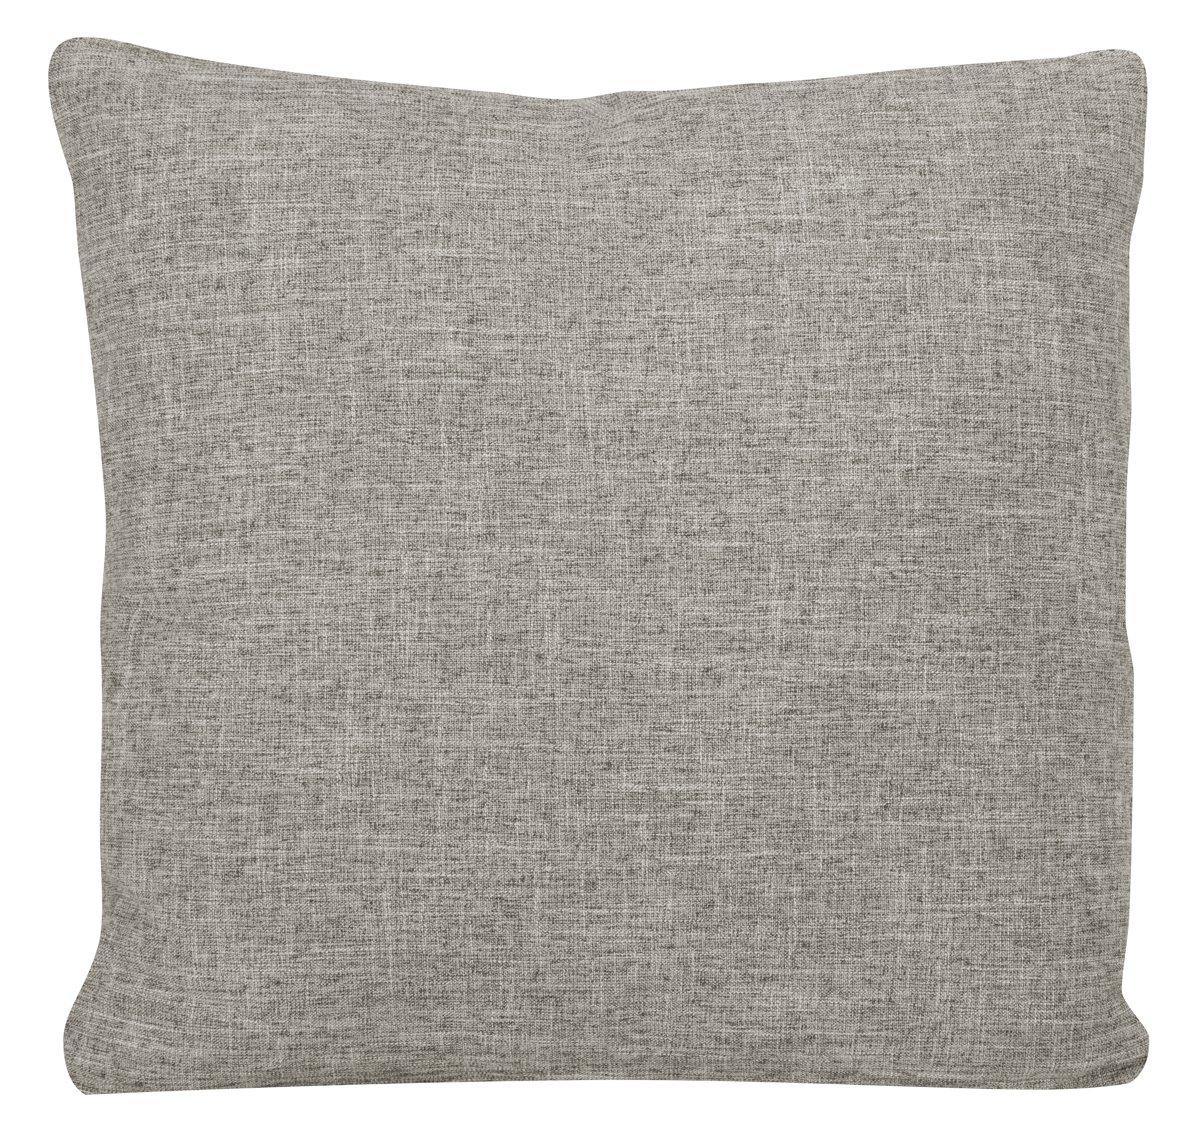 Paradigm Pewter Fabric Square Accent Pillow